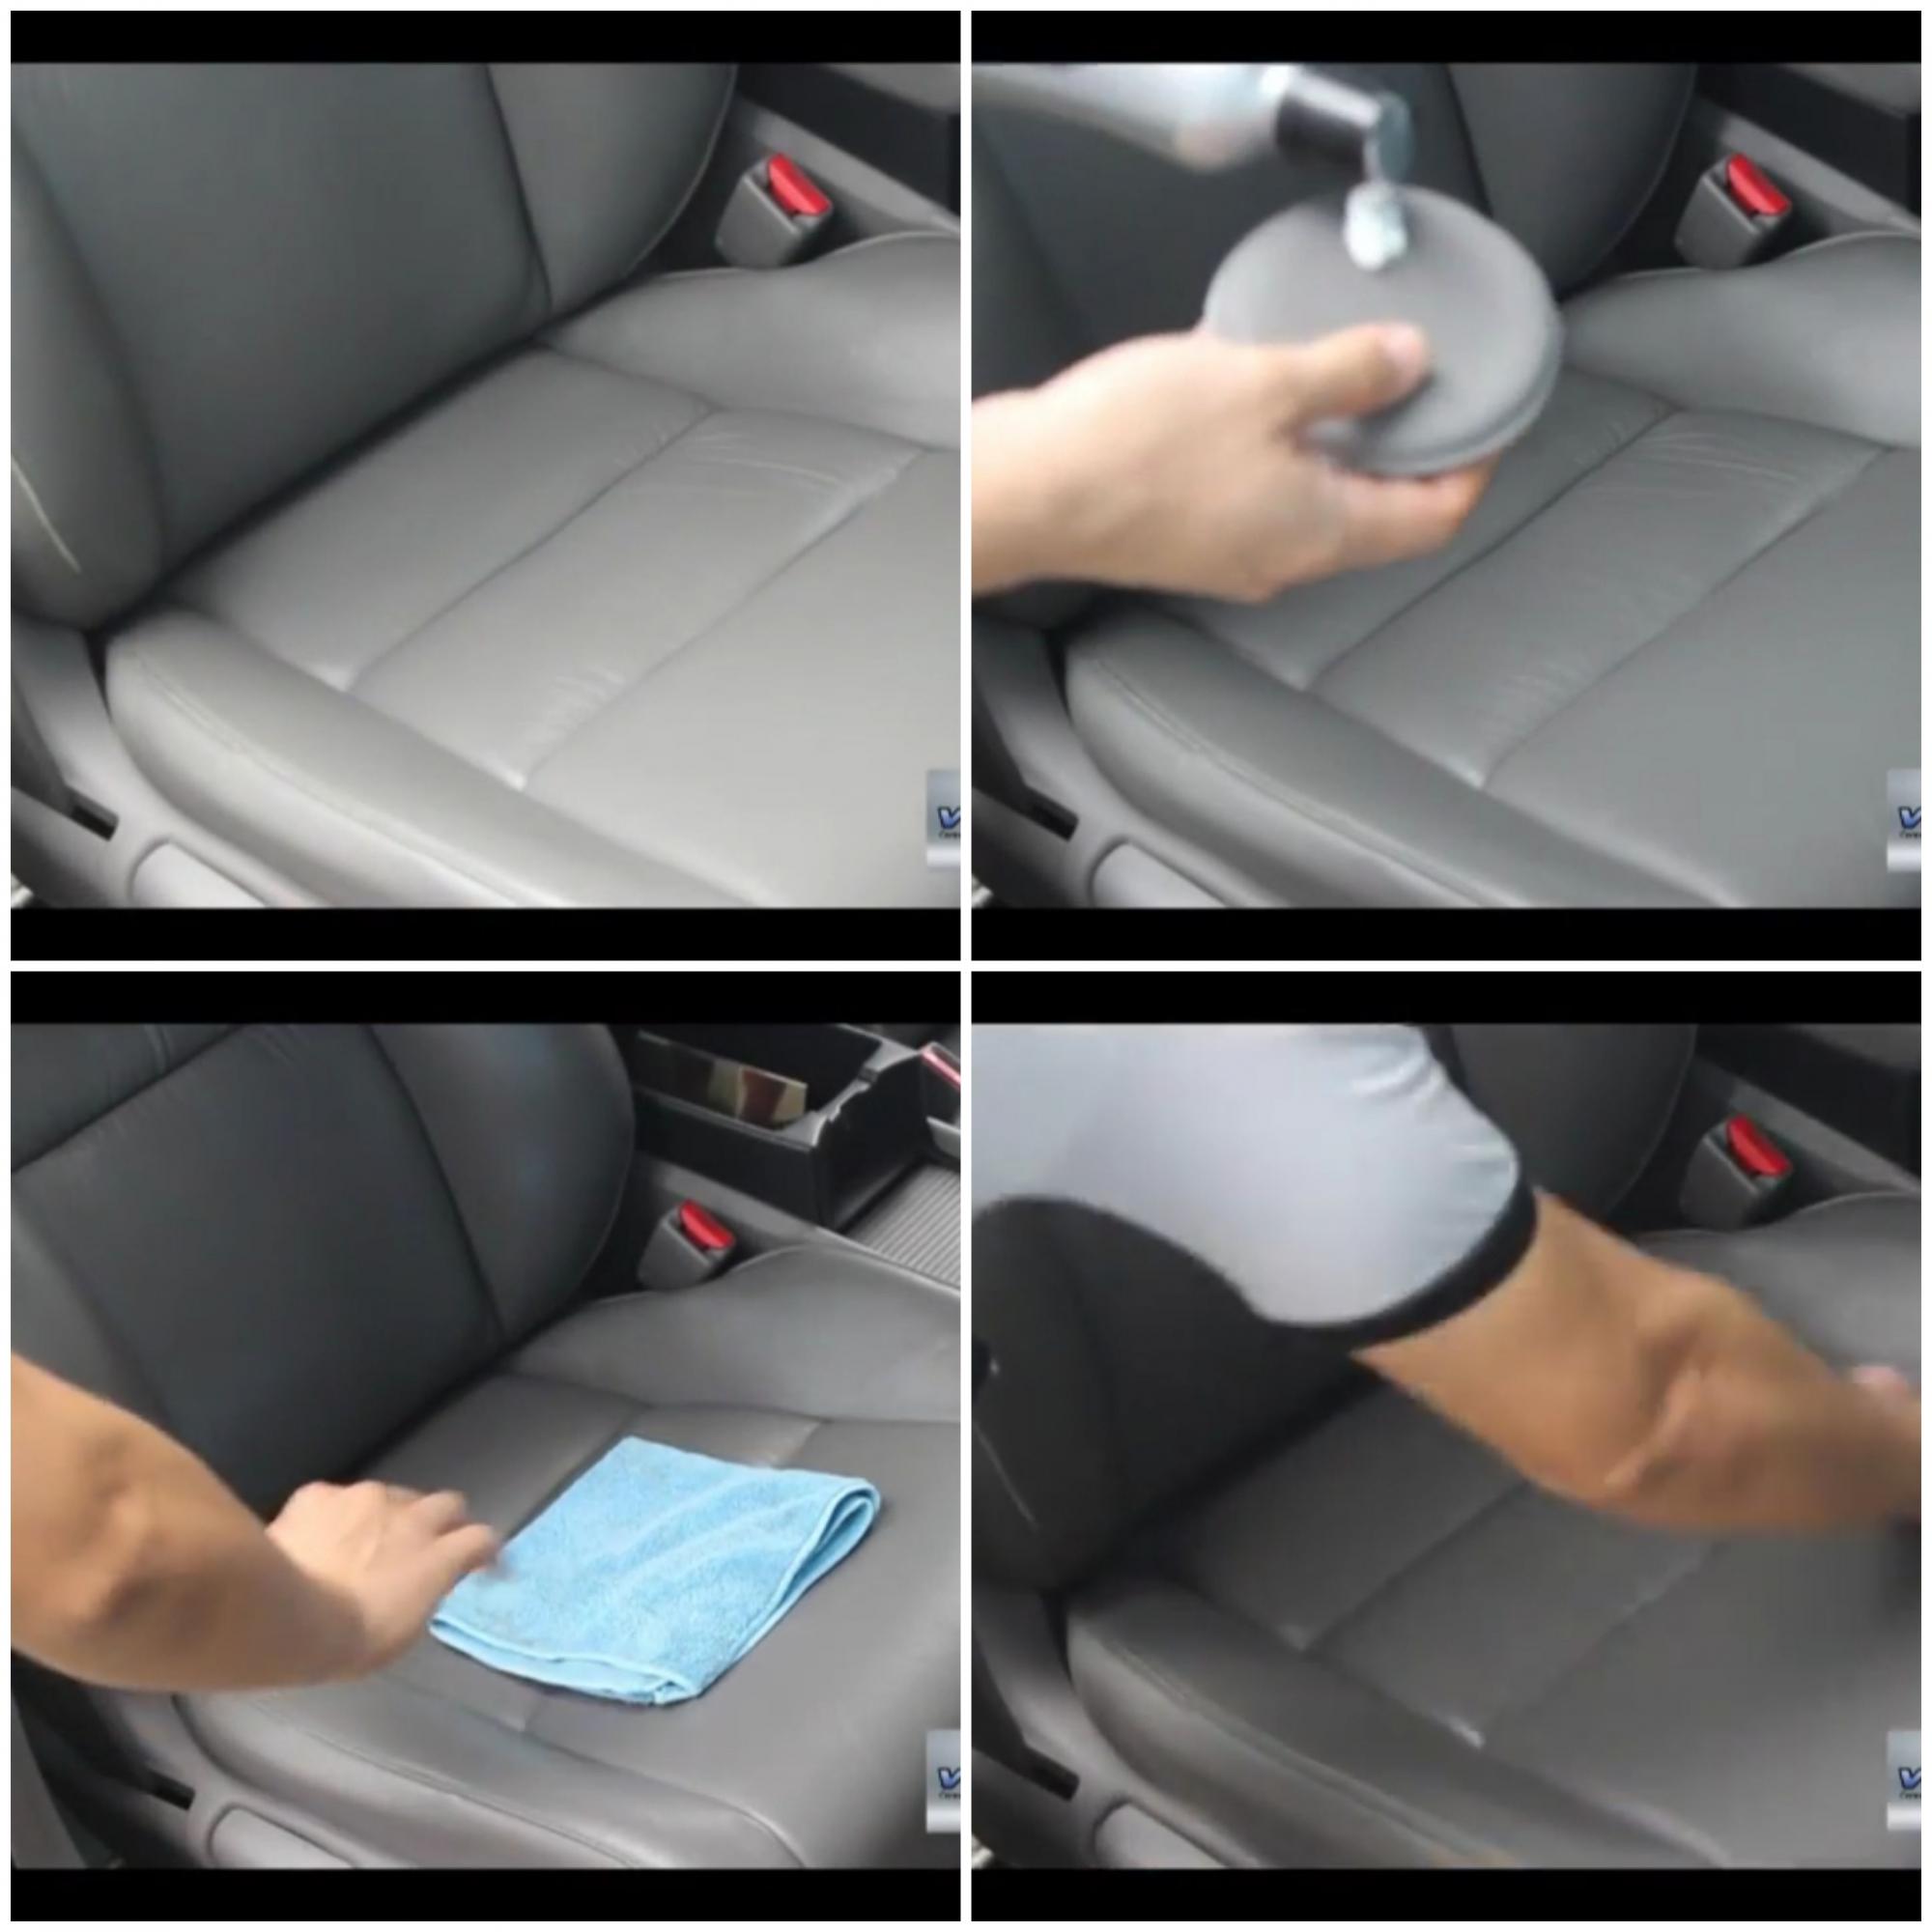 Hidracouro vonixx Tratamento de banco de couro c/ Aplicador e Microfibra